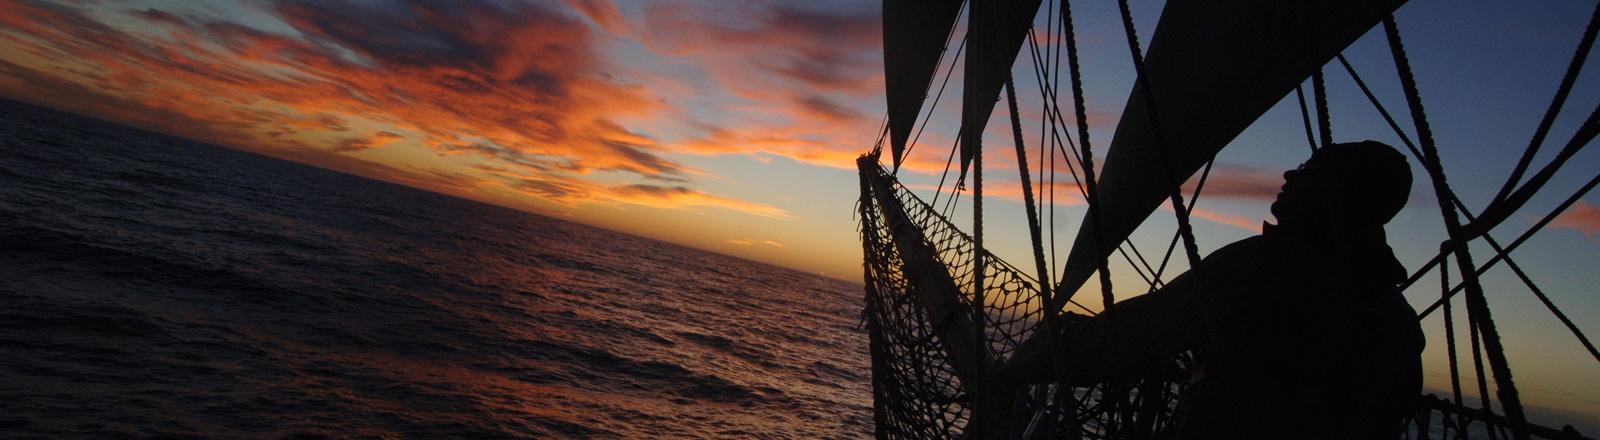 Ein Besatzungsmitglied des Segelschulschiffes Alexander von Humboldt schaut auf dem Weg um Kap Hoorn bei Sonnenuntergang auf das Meer; Foto: dpa